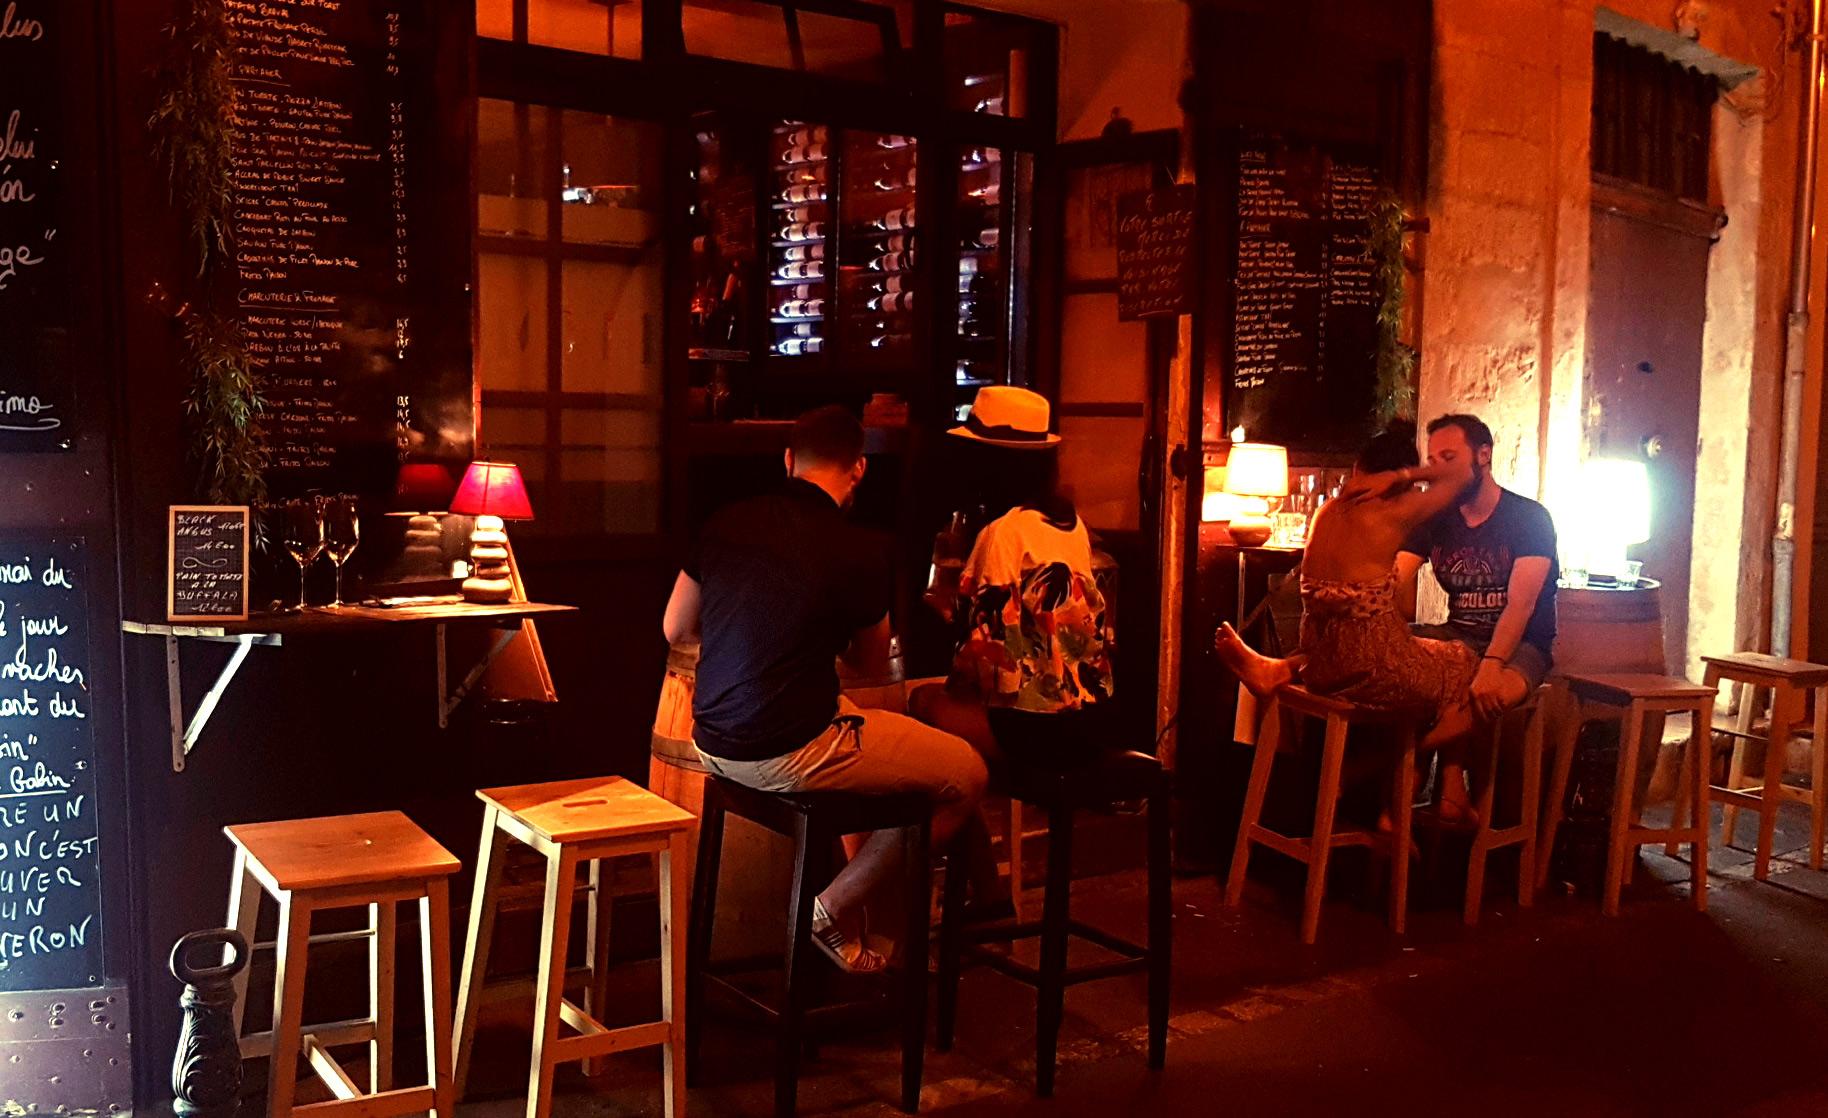 el primo restaurant brunch bar a vins bar tapas burgers aix en provence. Black Bedroom Furniture Sets. Home Design Ideas